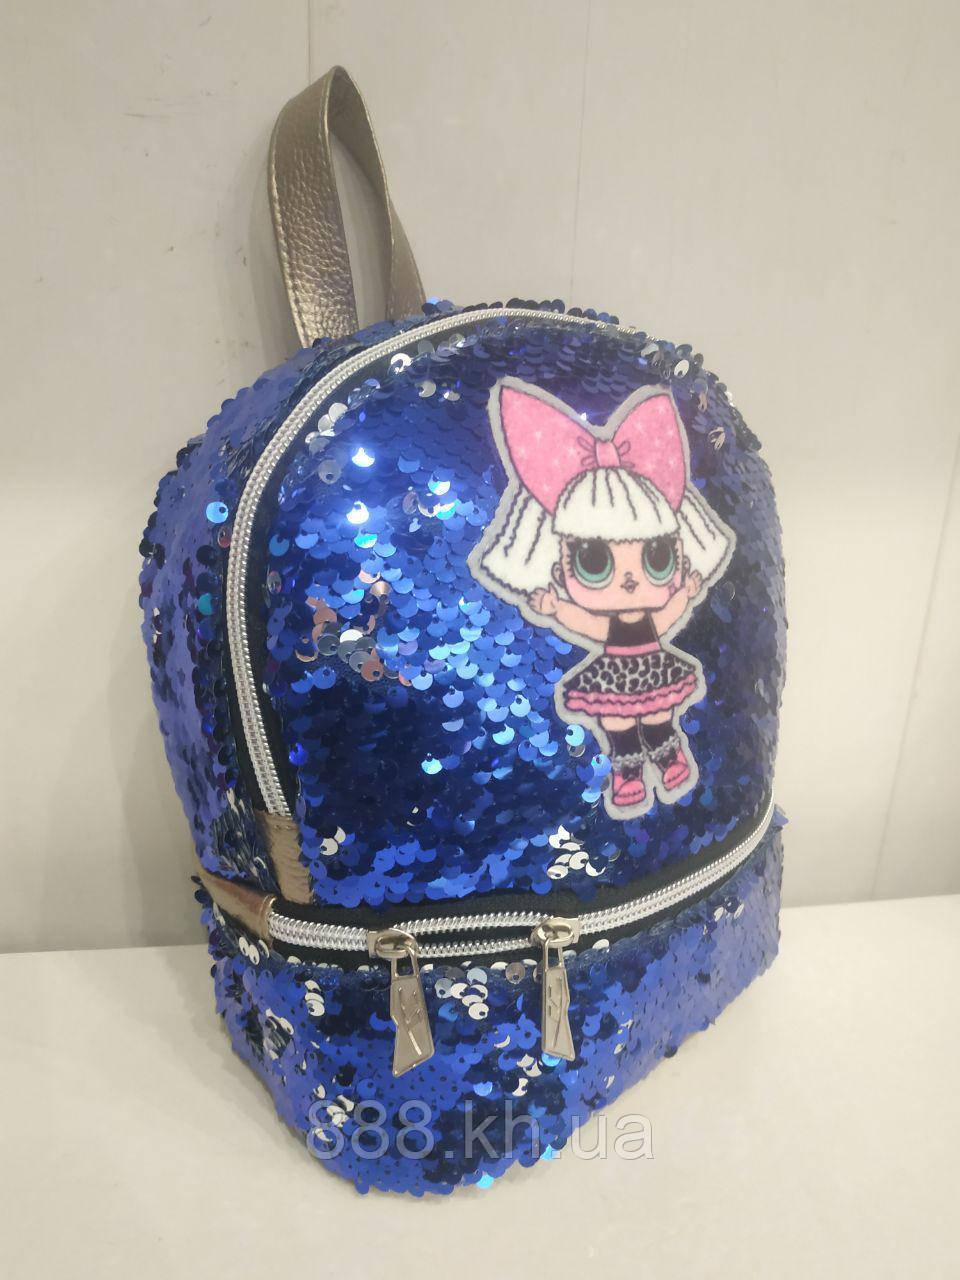 Стильный детский рюкзак для девочек, детская сумка для прогулок, дитячий ранець (синий)